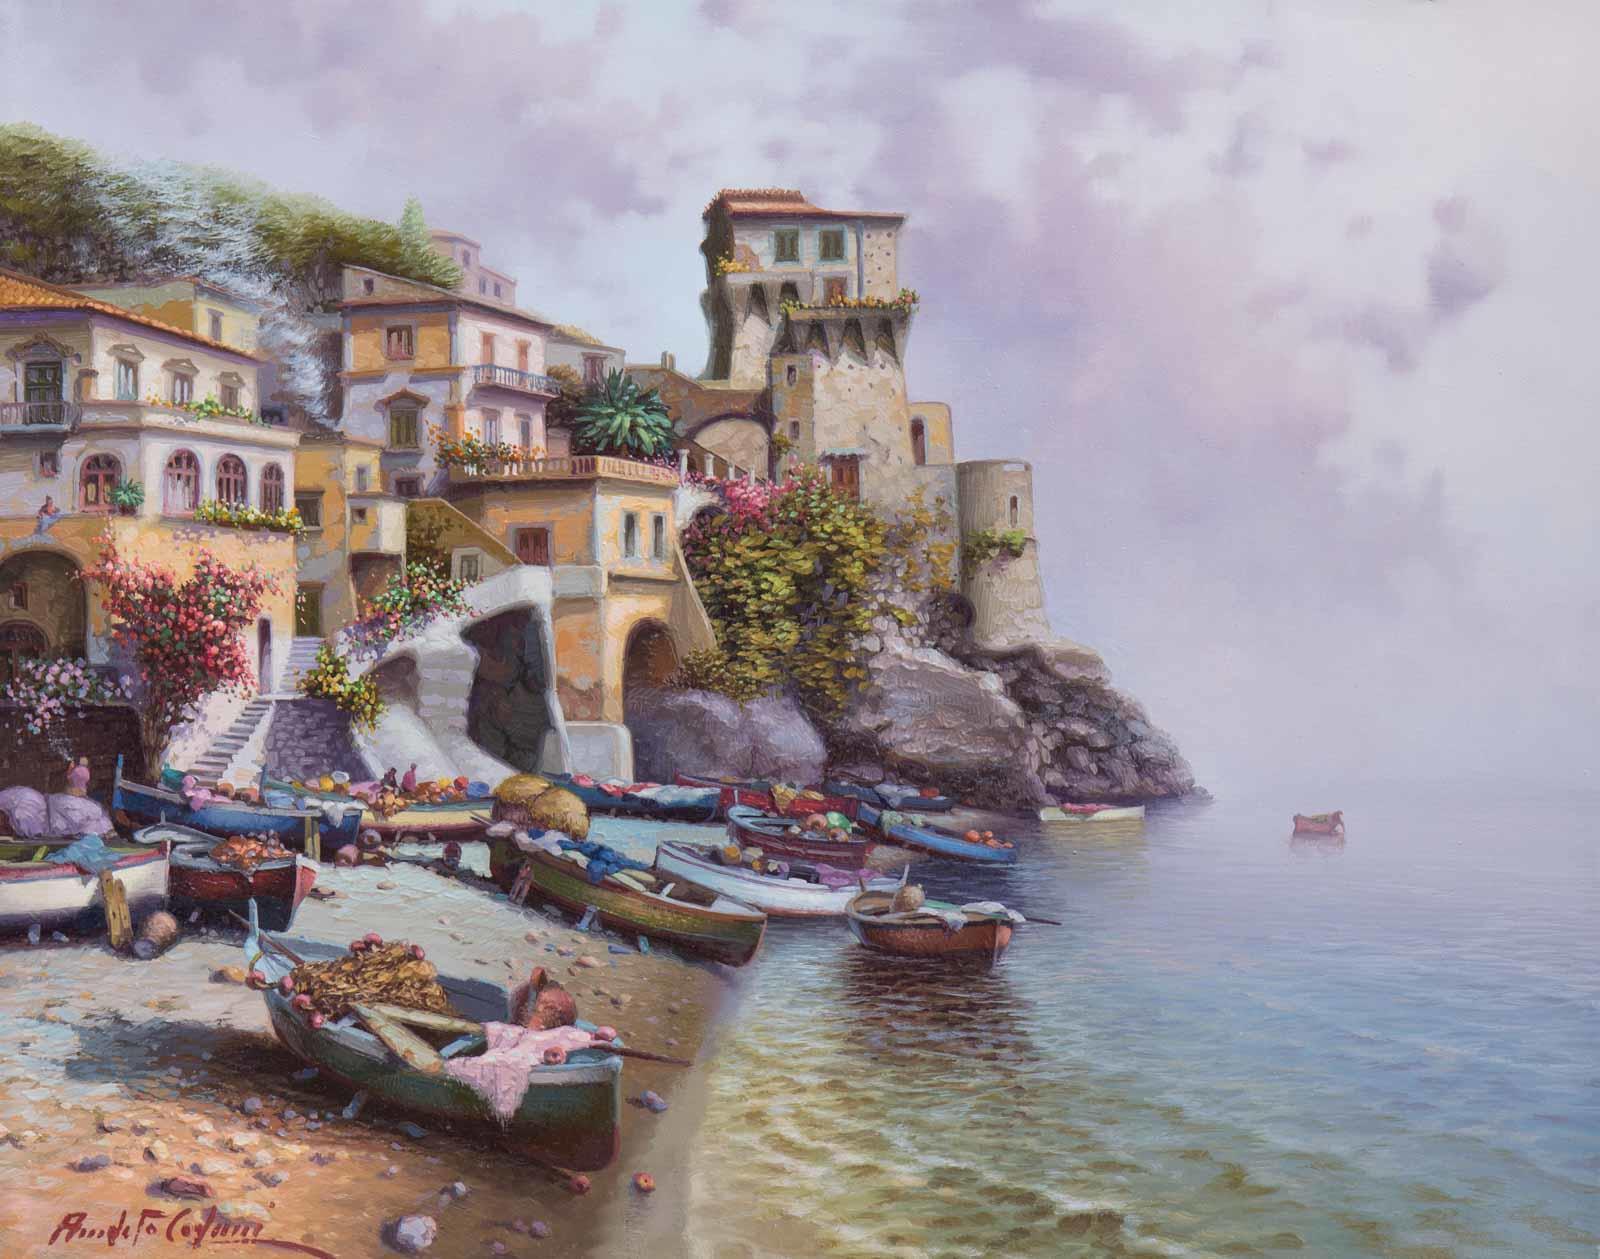 Cetara, Amalfi